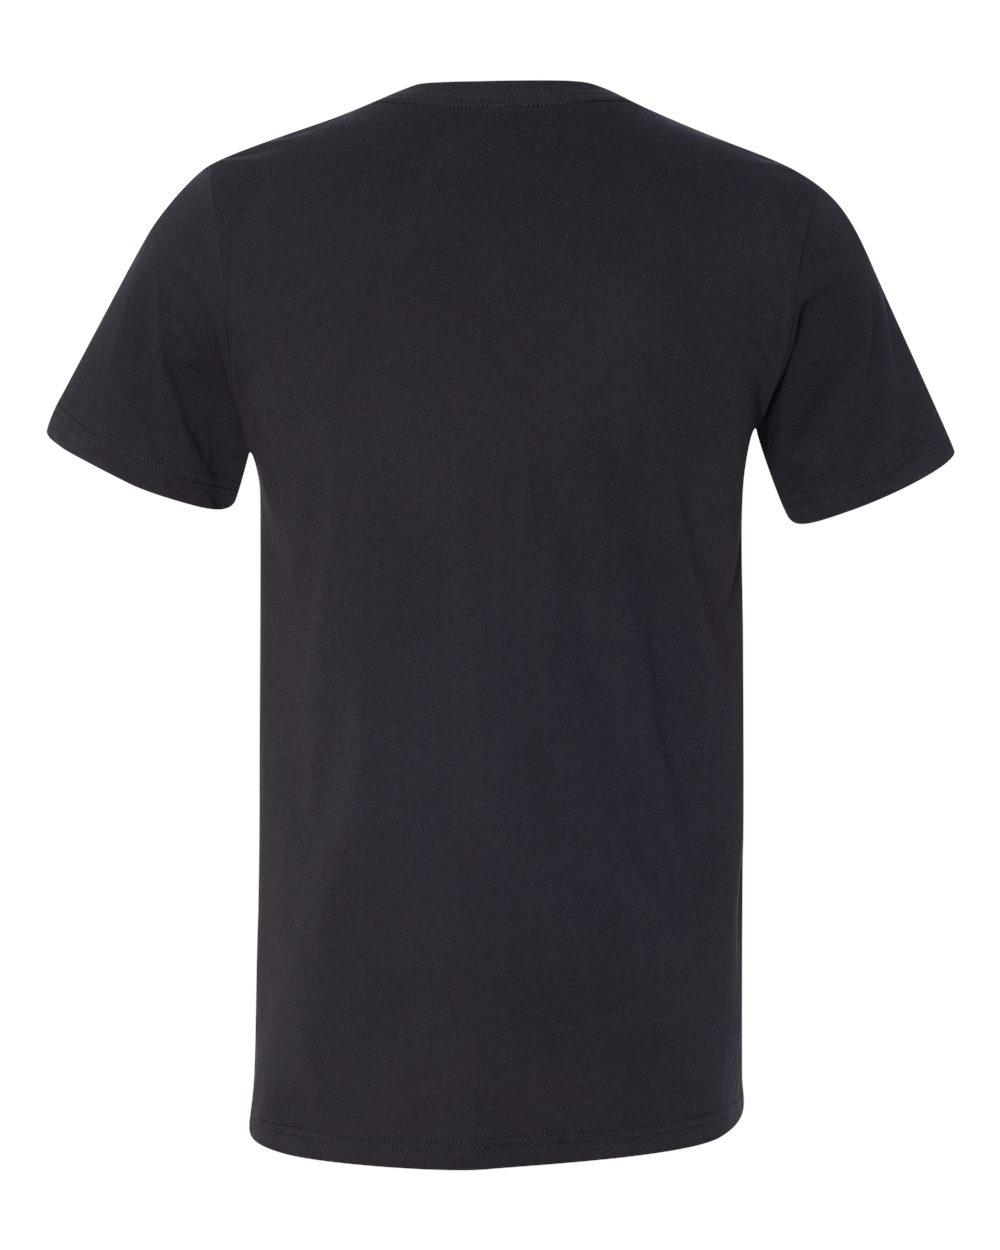 Bella-Canvas-Men-039-s-Jersey-Short-Sleeve-V-Neck-T-Shirt-3005-XS-3XL thumbnail 104